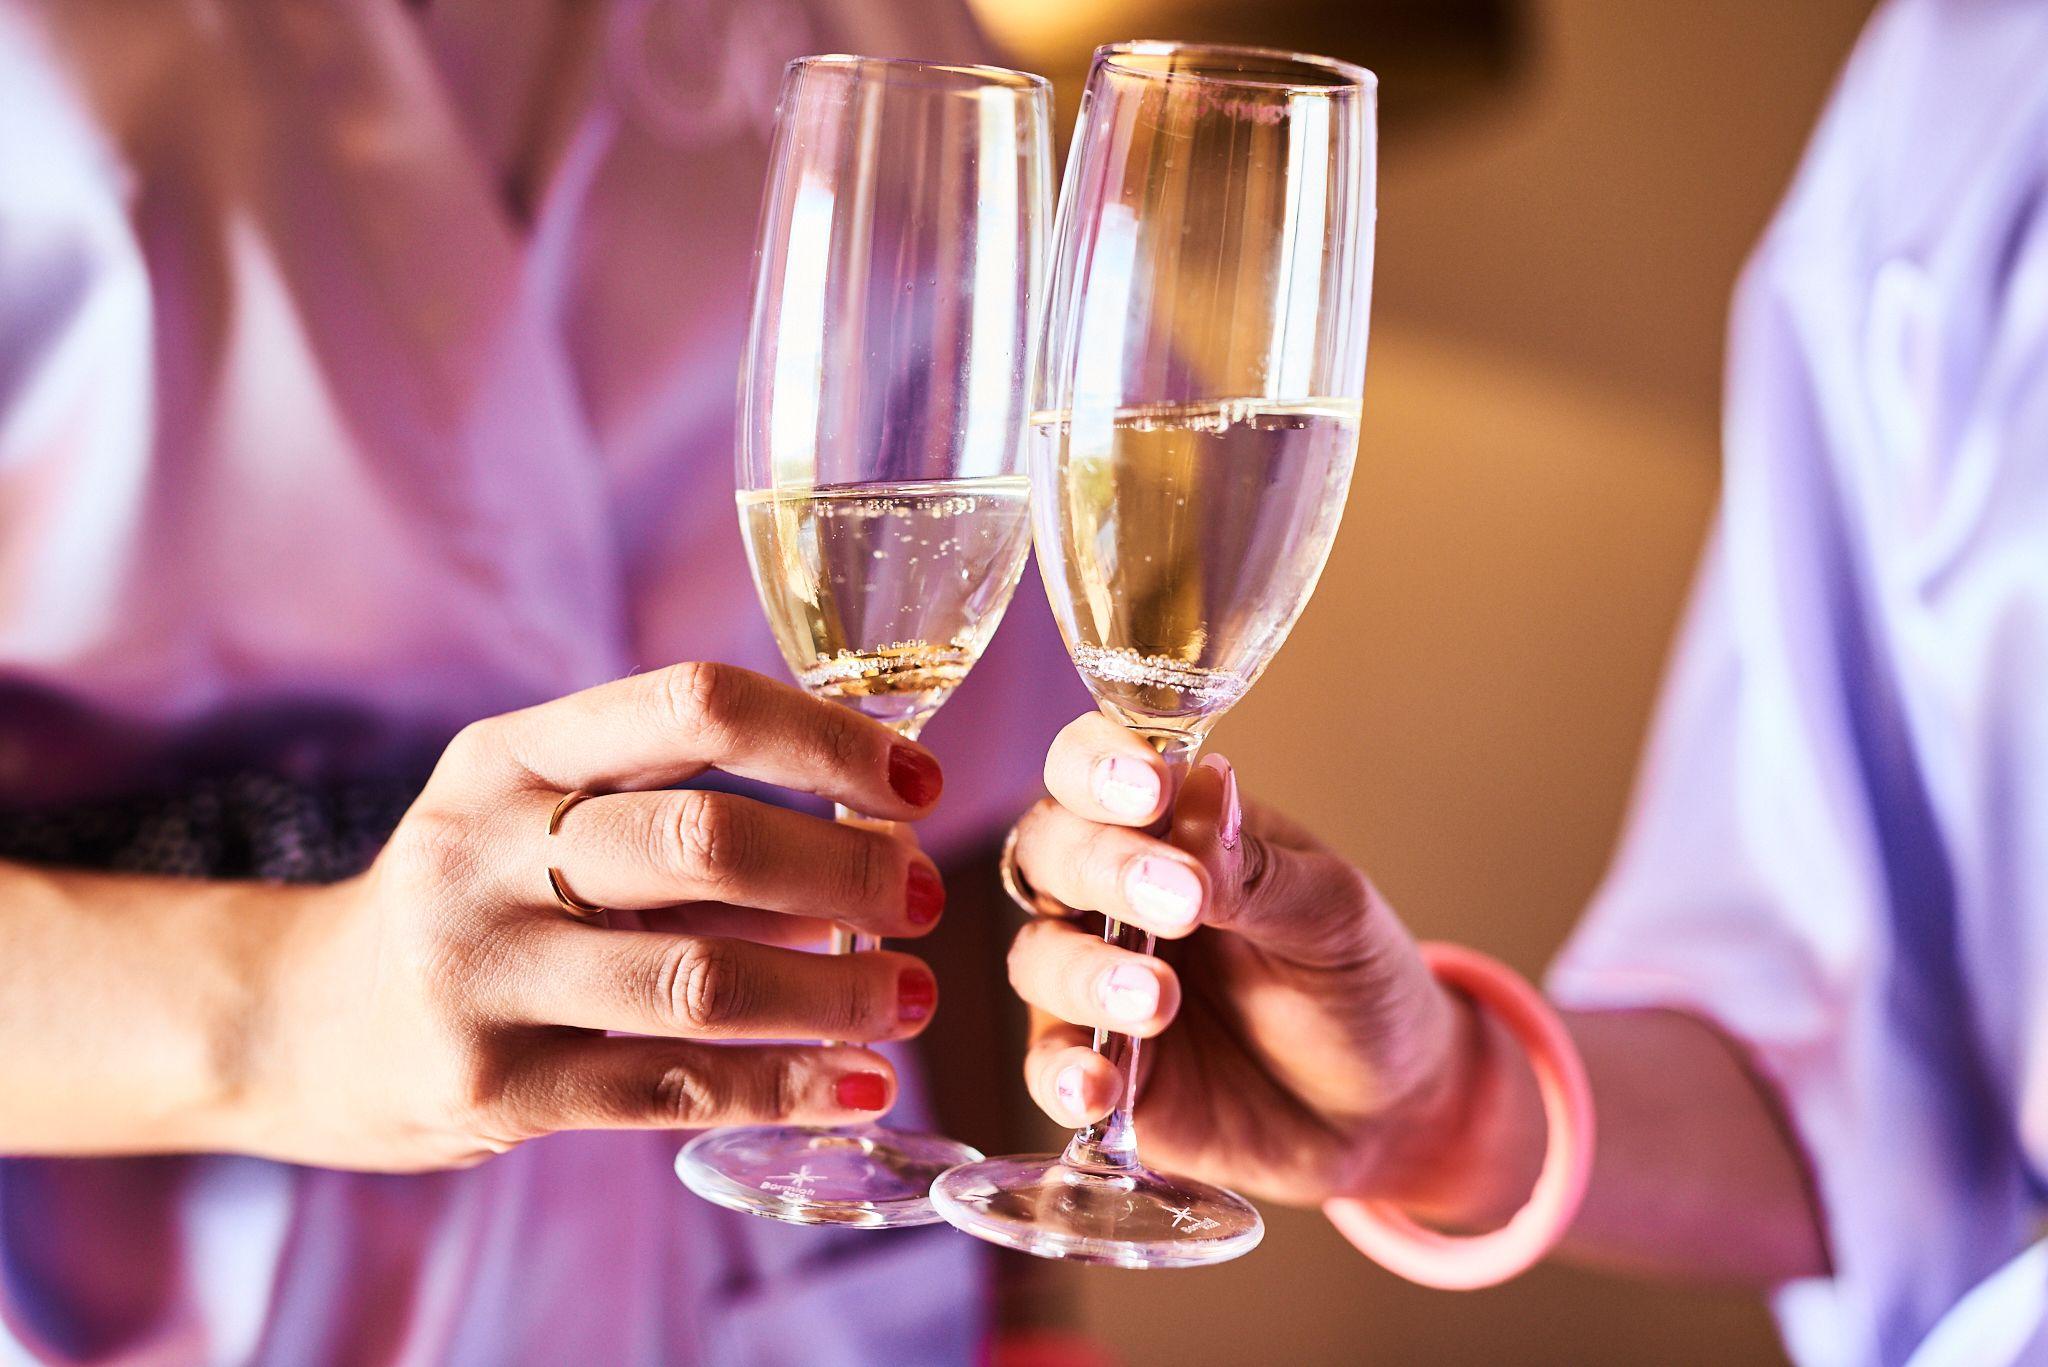 La-22Destination-Wedding22-en-Moguer-de-Lauren-y-JosC3A9-Antonio-JoseAntonio-alejandromarmol0010.jpg